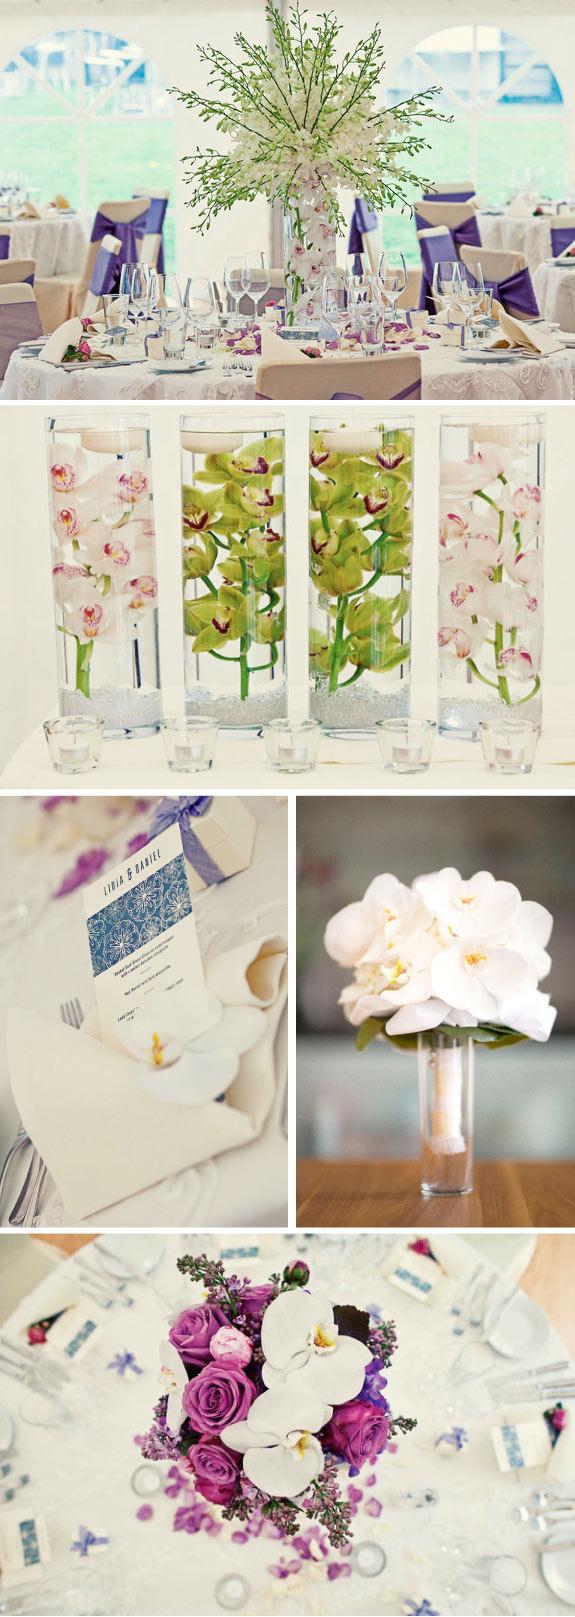 Wspaniale zorganizowany ślub w kolorach bieli, fioletu i fuksji